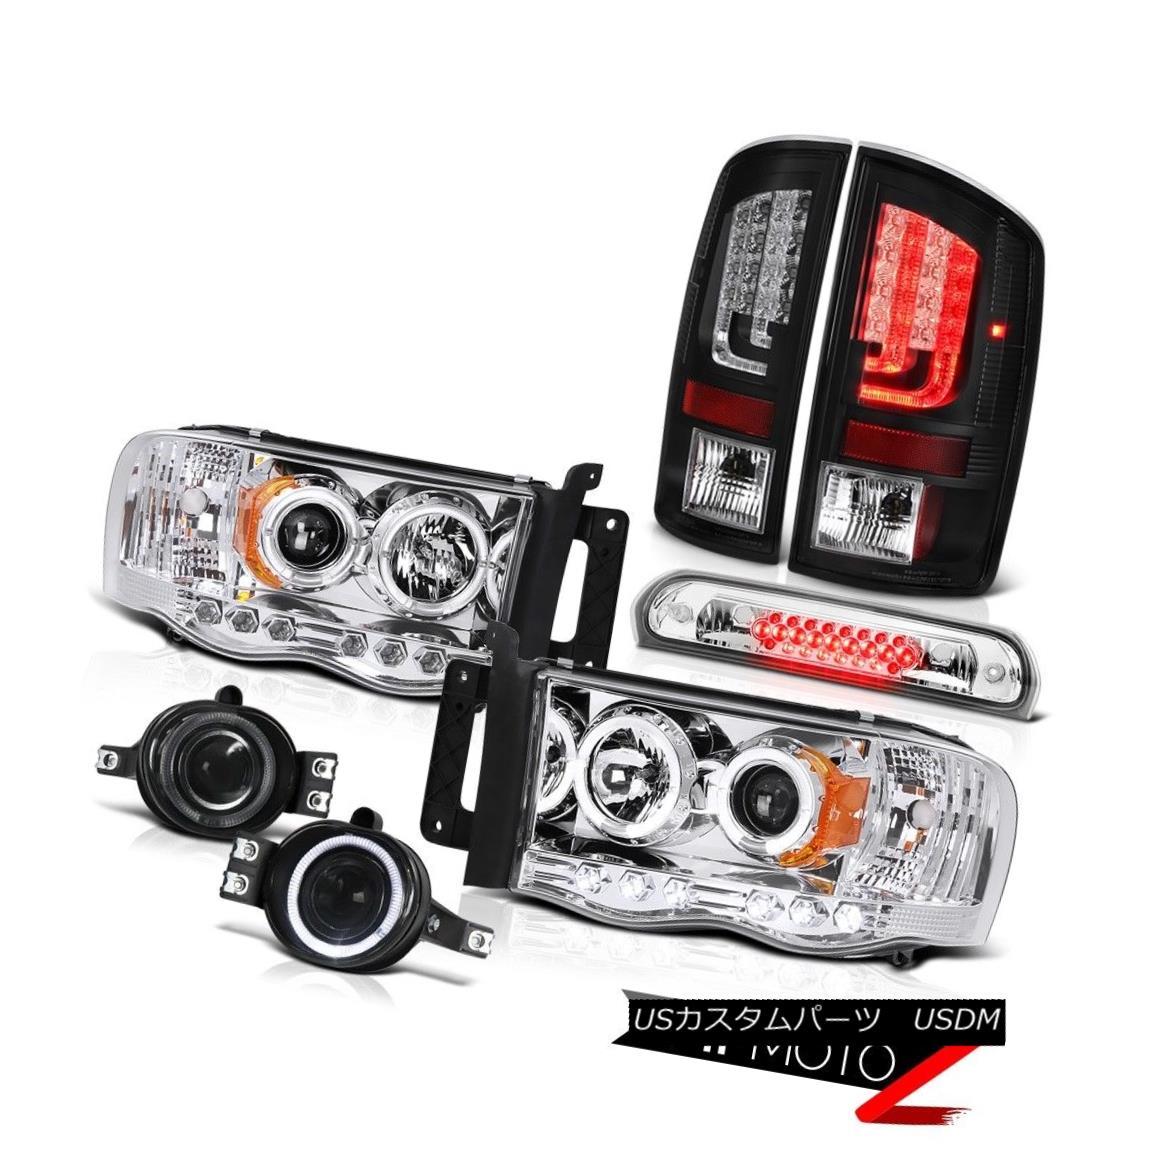 テールライト 02-05 Ram 1500 2500 3500 SLT Taillights Chrome Headlamps Foglamps 3RD Brake Lamp 02-05 Ram 1500 2500 3500 SLTテールライトクロームヘッドランプフォグランプ3RDブレーキランプ